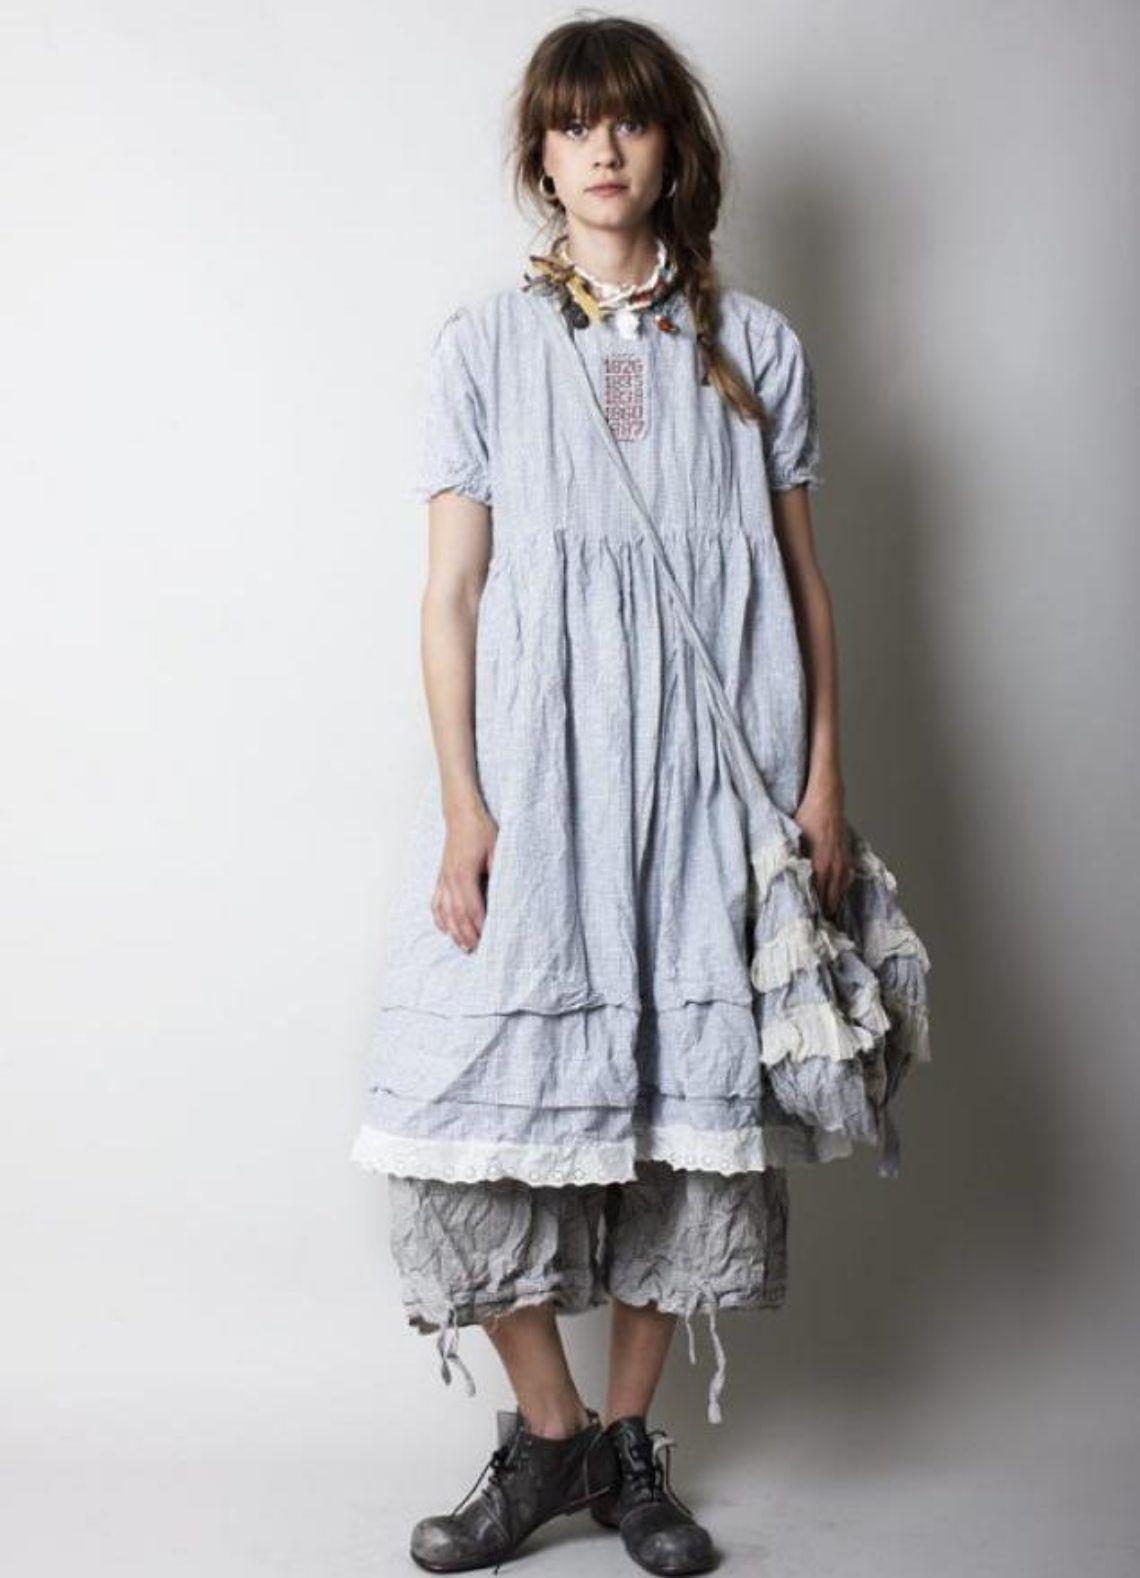 Делаем выкройки платья в стиле бохо своими руками ЭтноБохо БОХО